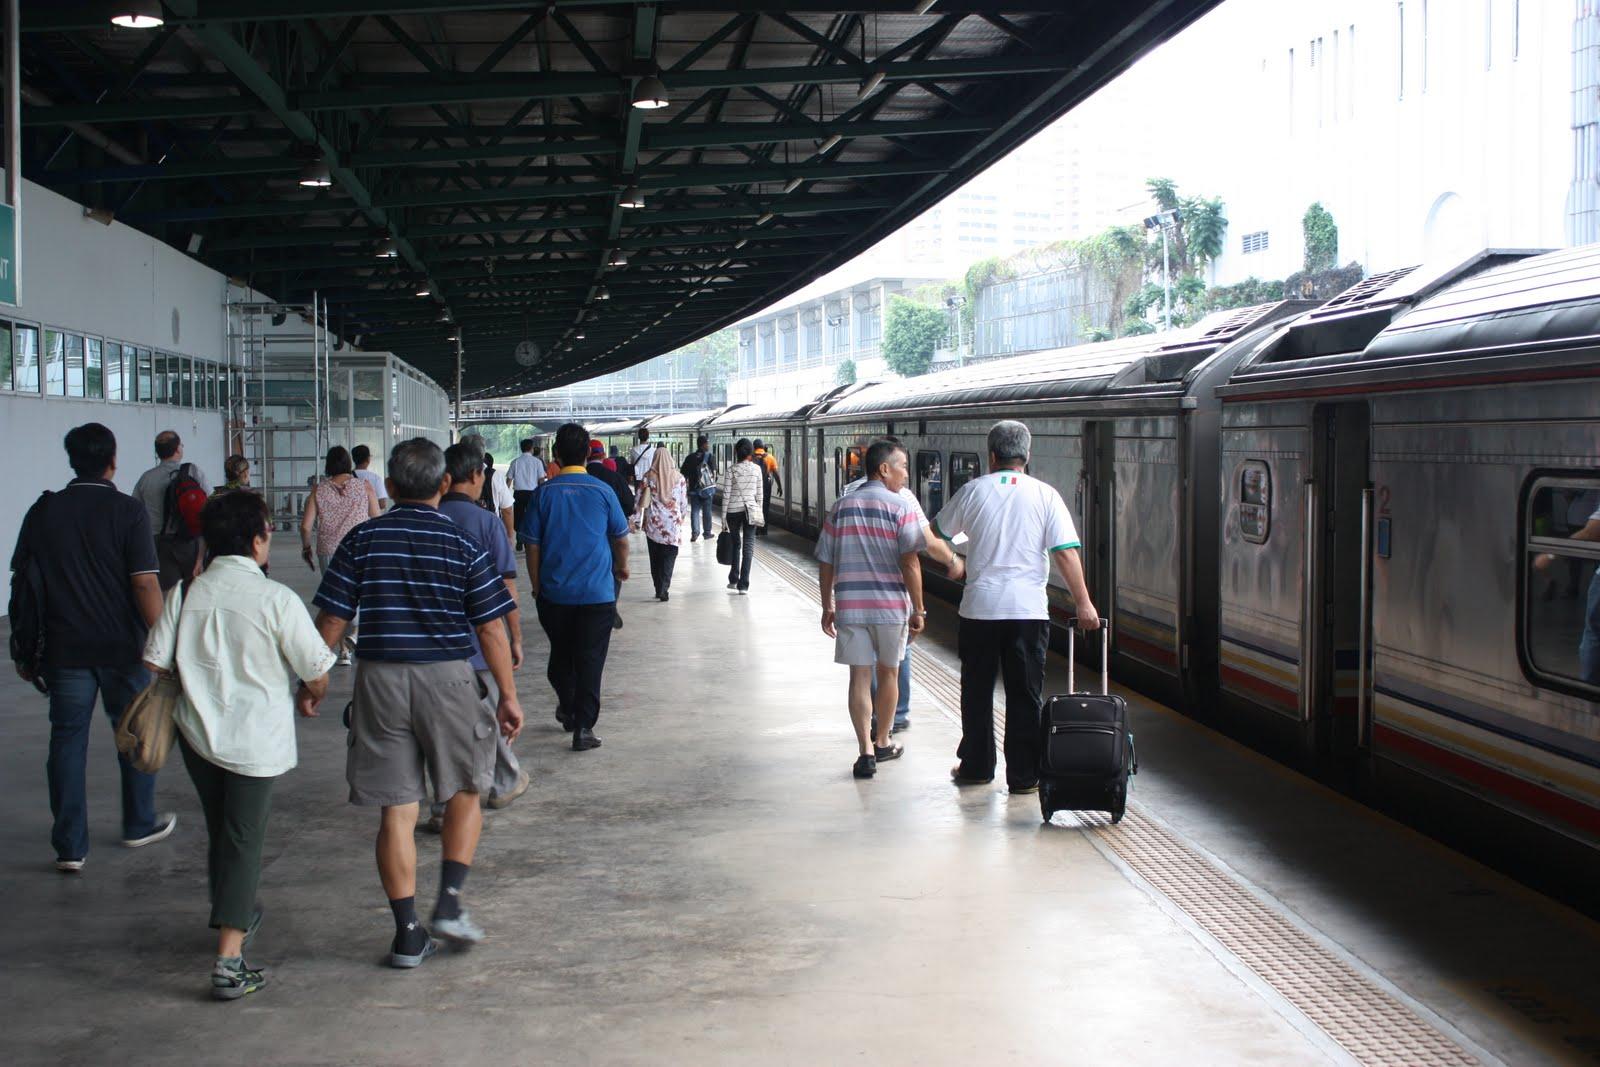 Железнодорожный вокзал tanjong pagar railway station малайской железной дороги (ktm) был построен в 1932 году